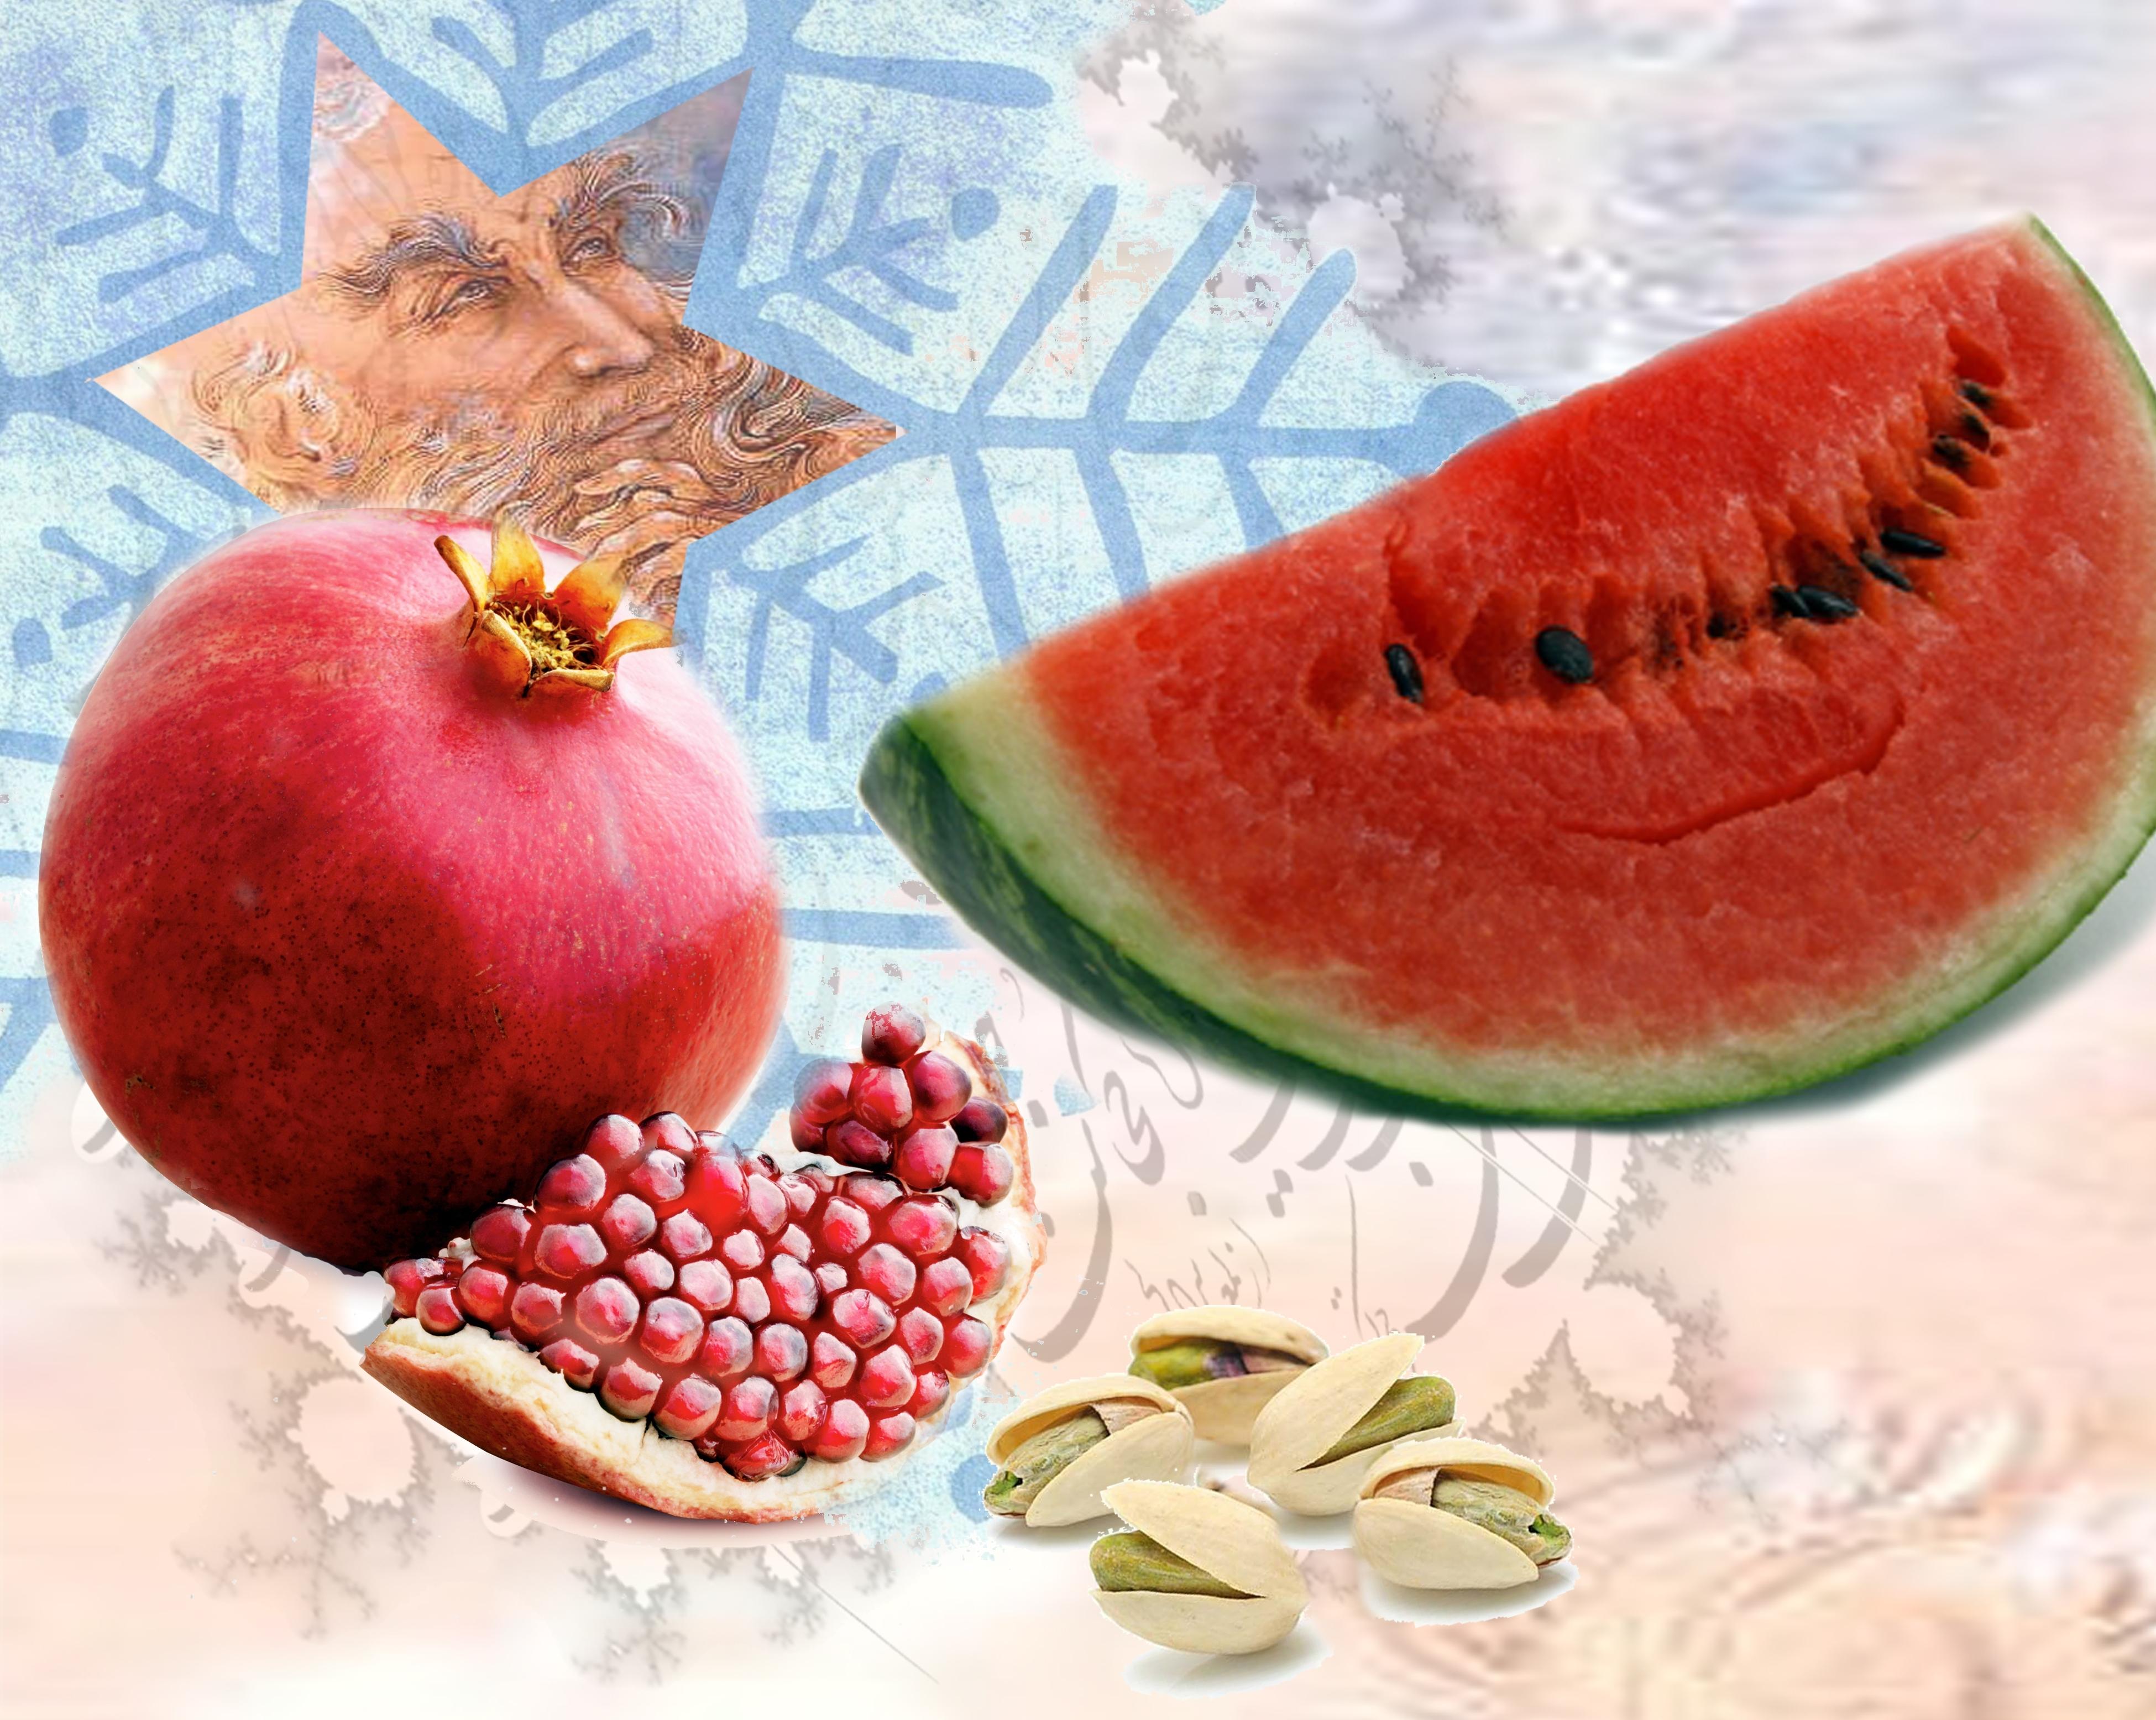 طرحی از هندوانه، انار، پسته، و حافظ (وزارت امور خارجه)